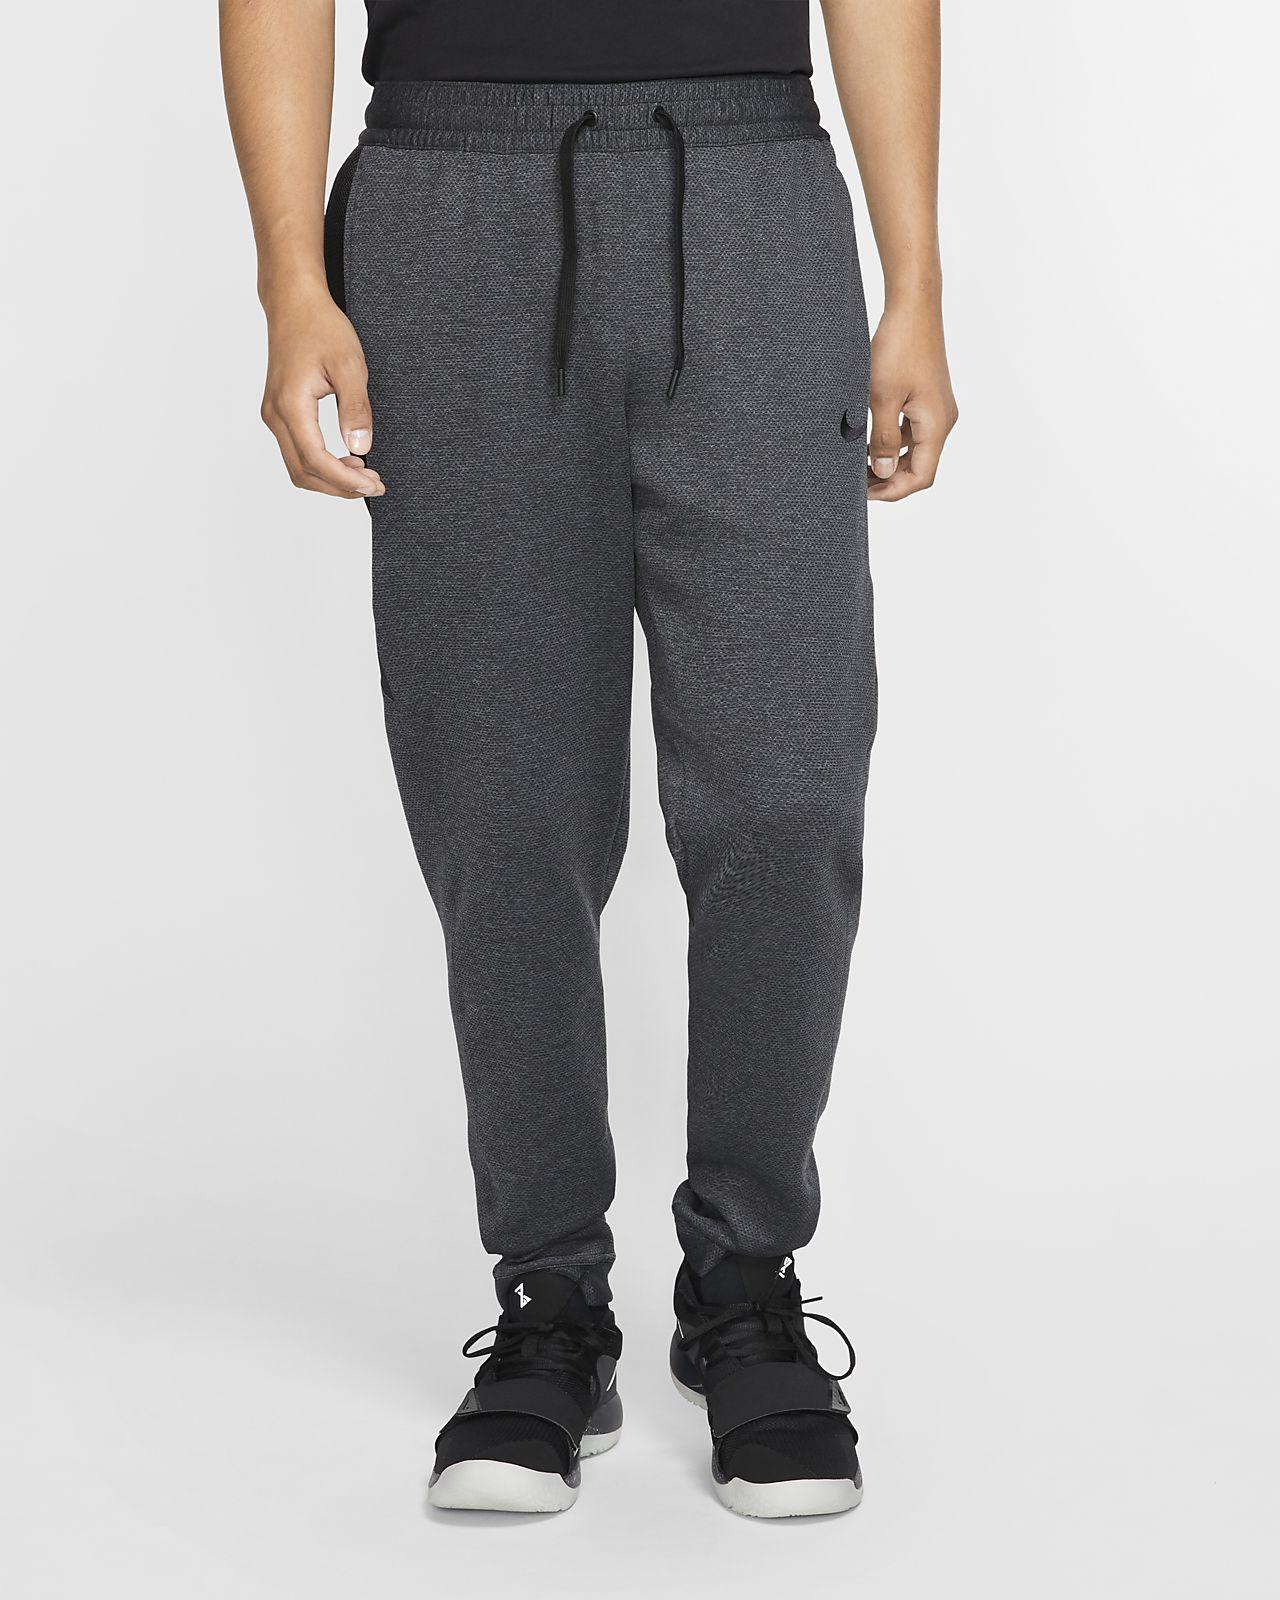 Męskie spodnie do koszykówki Nike Therma Flex Showtime